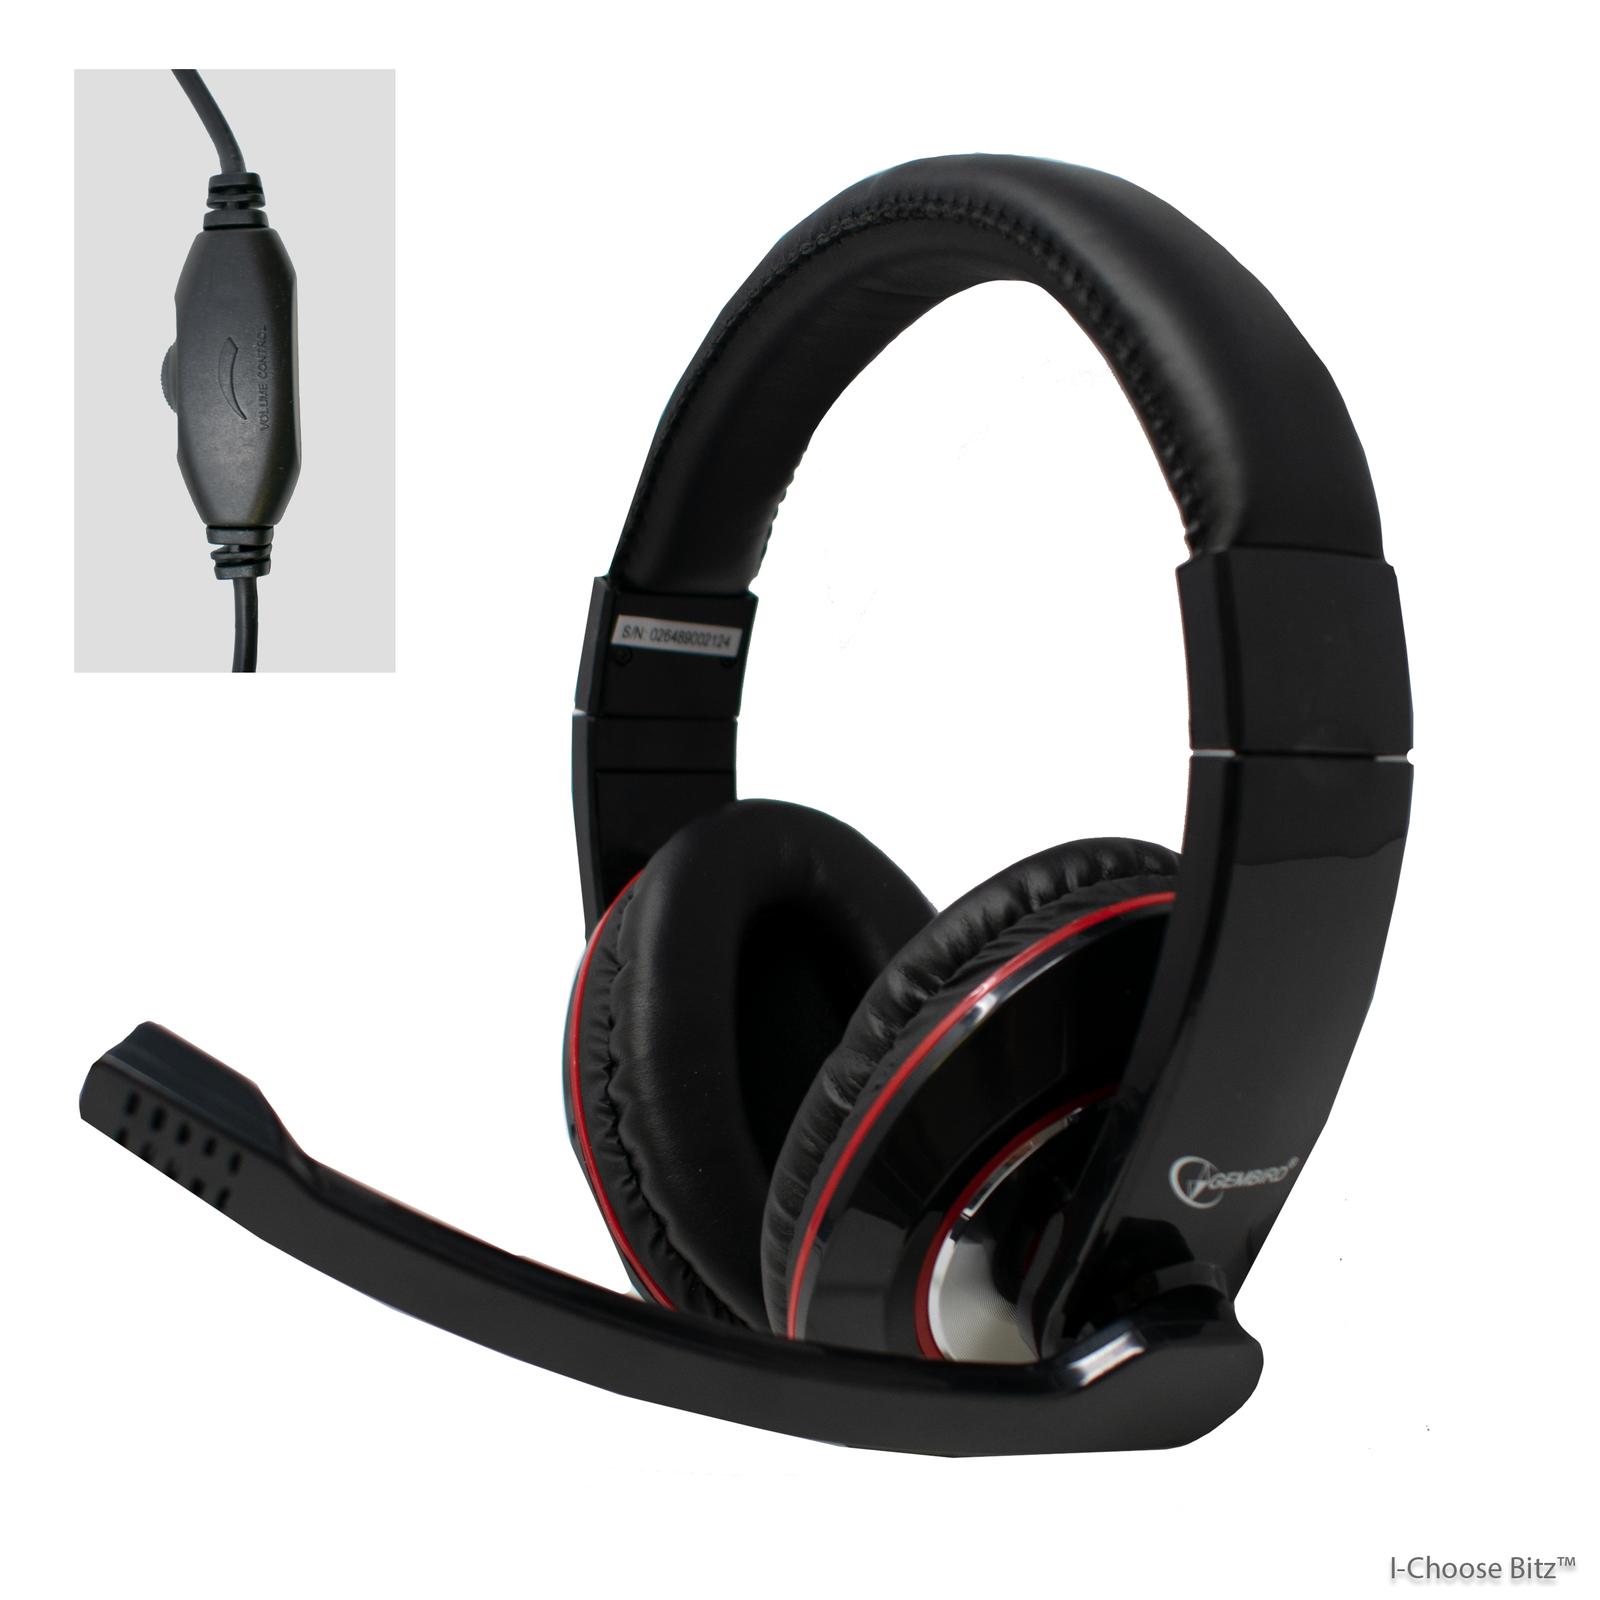 3 di 5 Cuffie per Giochi Microfono Skype con Pc USB Livechat a Buon Mercato a283cad837cc